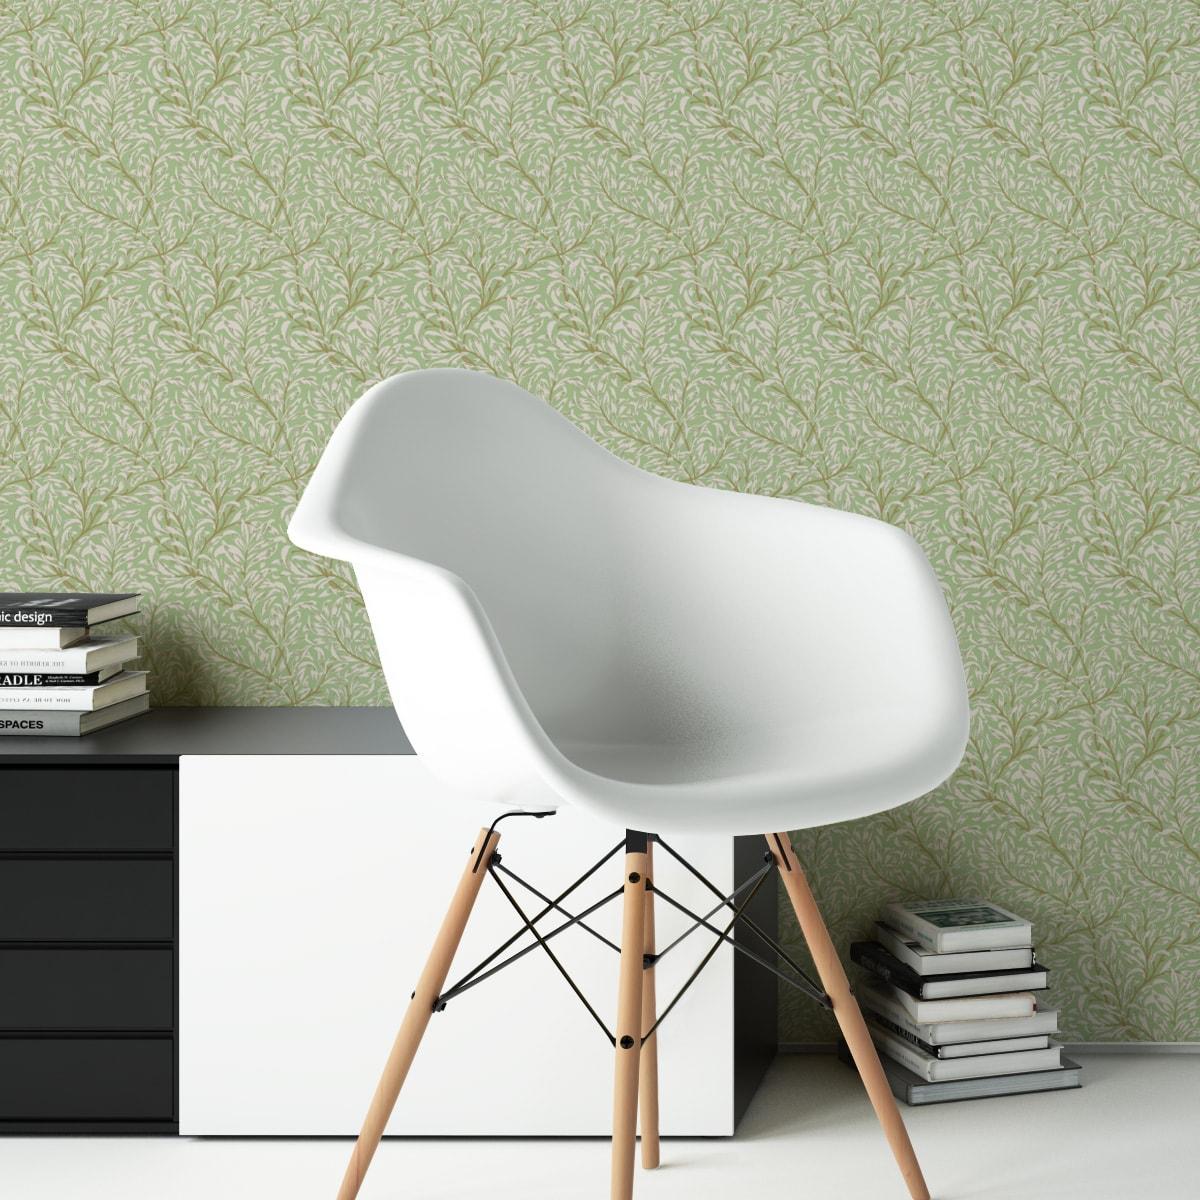 """Tapete für Büroräume grün: Jugendstil Tapete """"Wilde Weiden"""" nach William Morris, grüne Vlies Tapete Blumen Natur, schöne Blumentapete für Flur, Büro"""